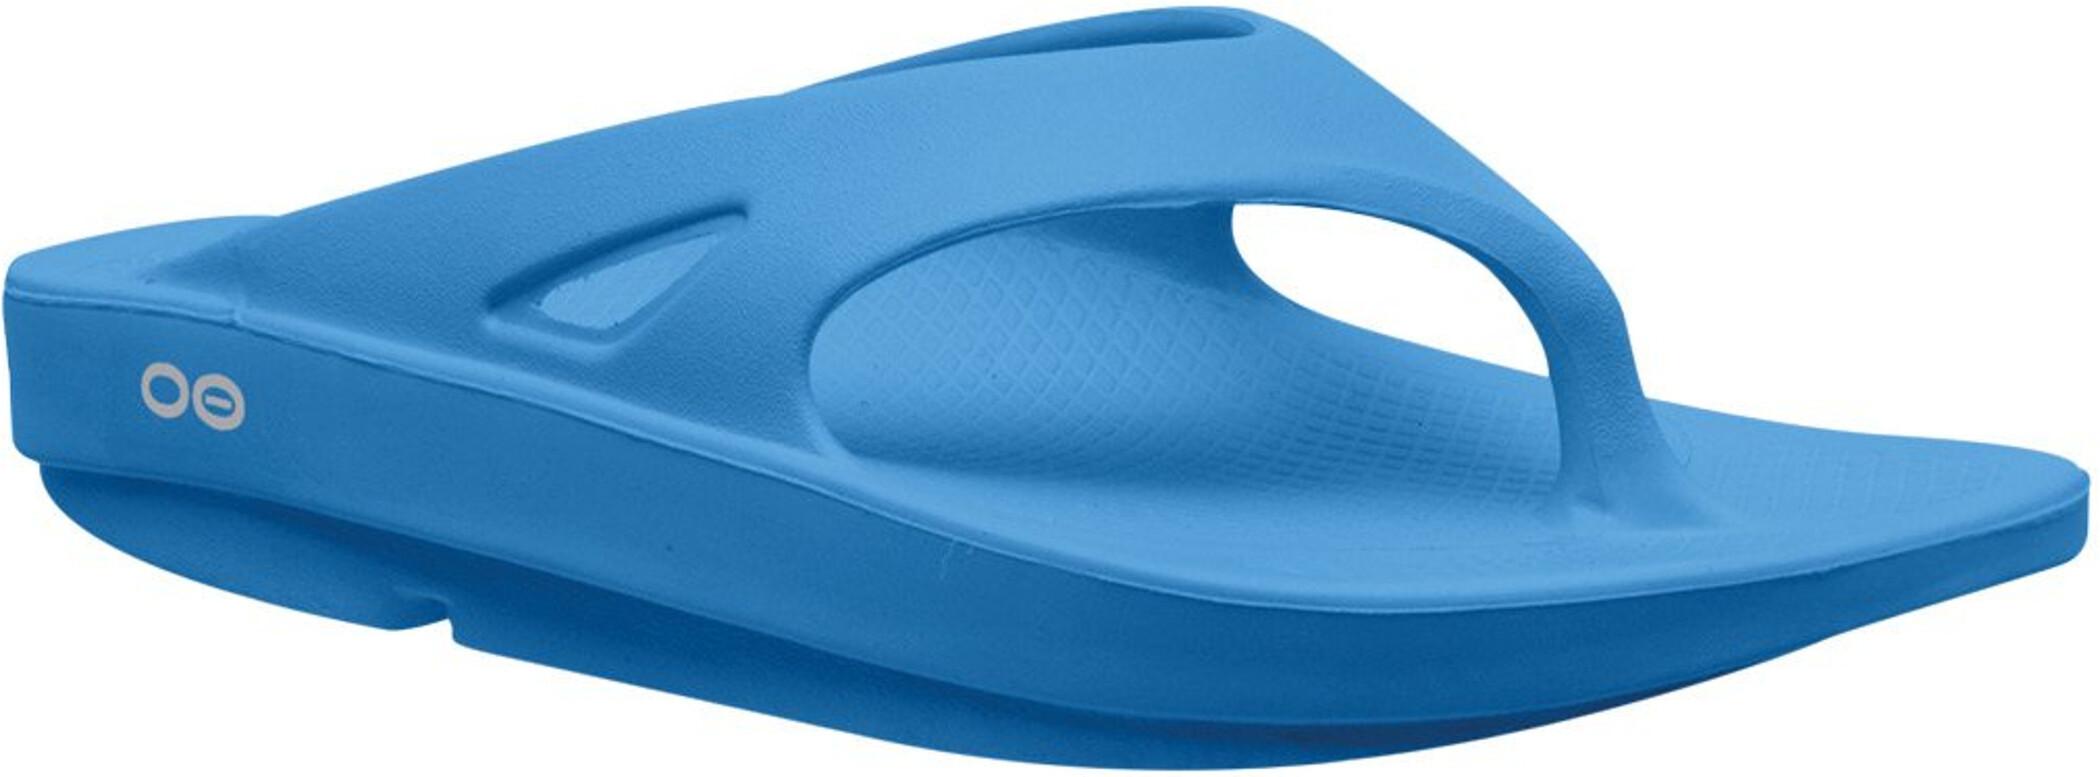 OOFOS Ooriginal Sandaler, bermuda blue | Tri-beklædning